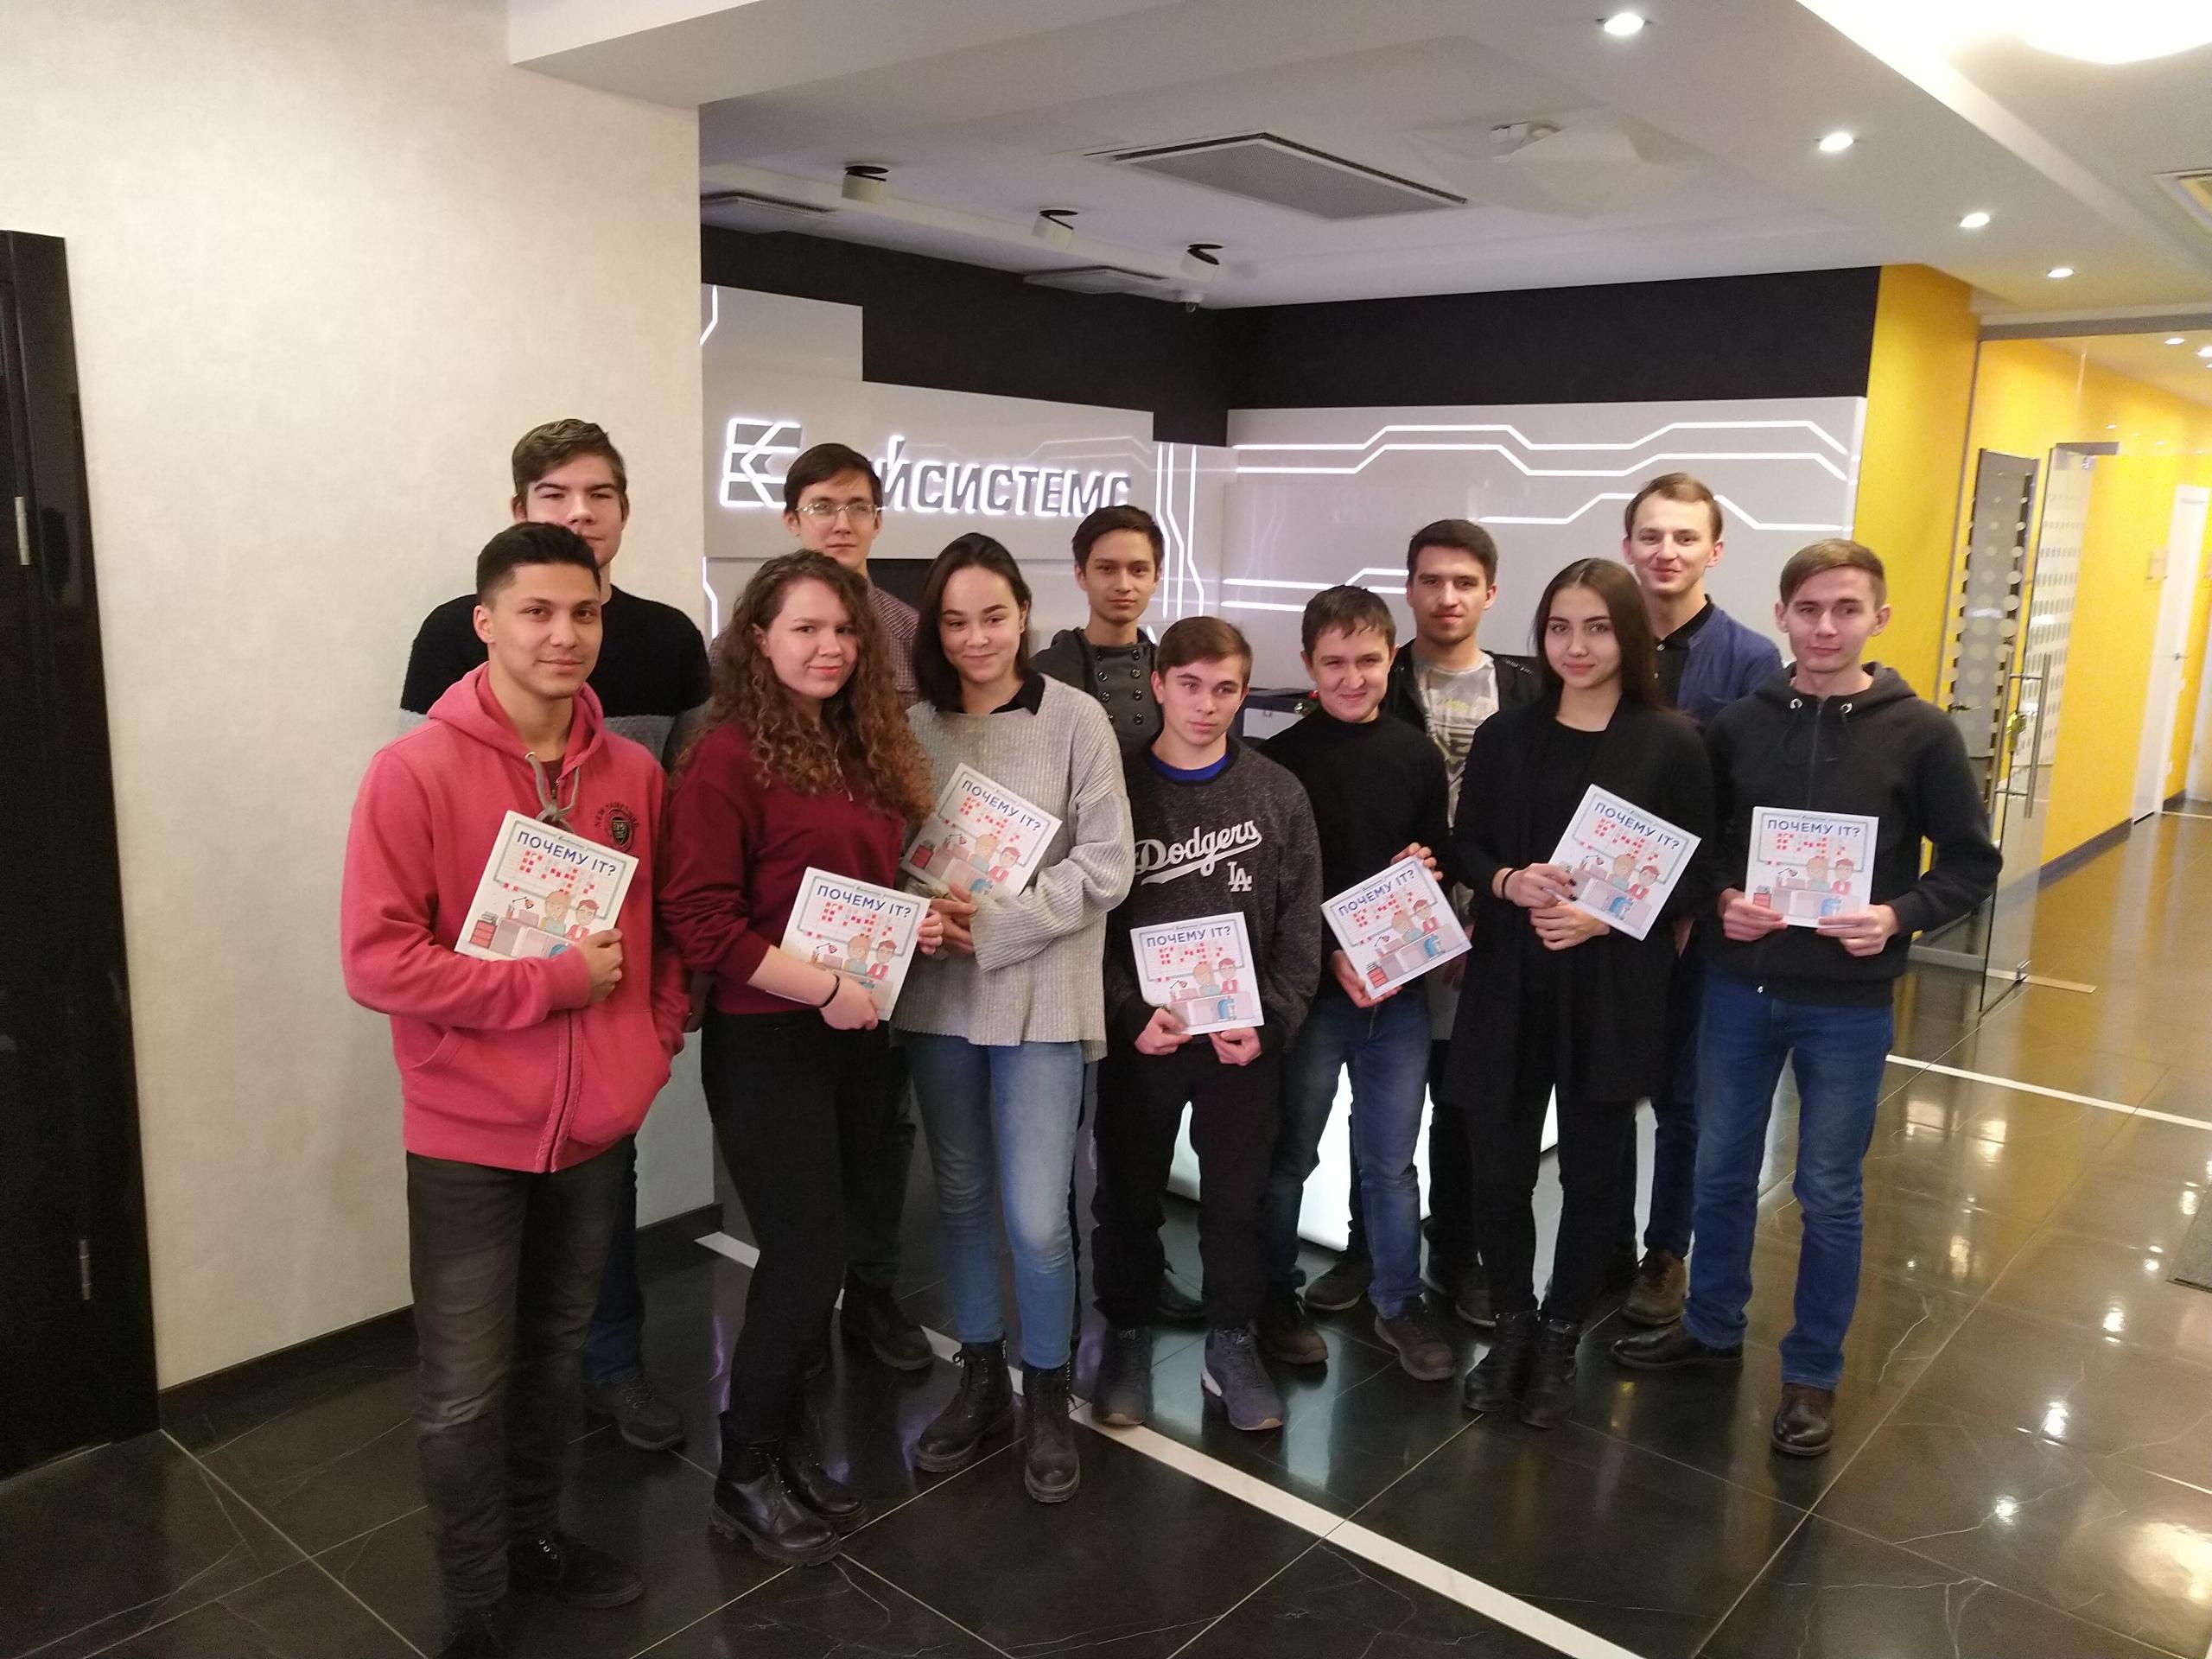 Экскурсия студентов факультета ИВТ в Кейсистемс